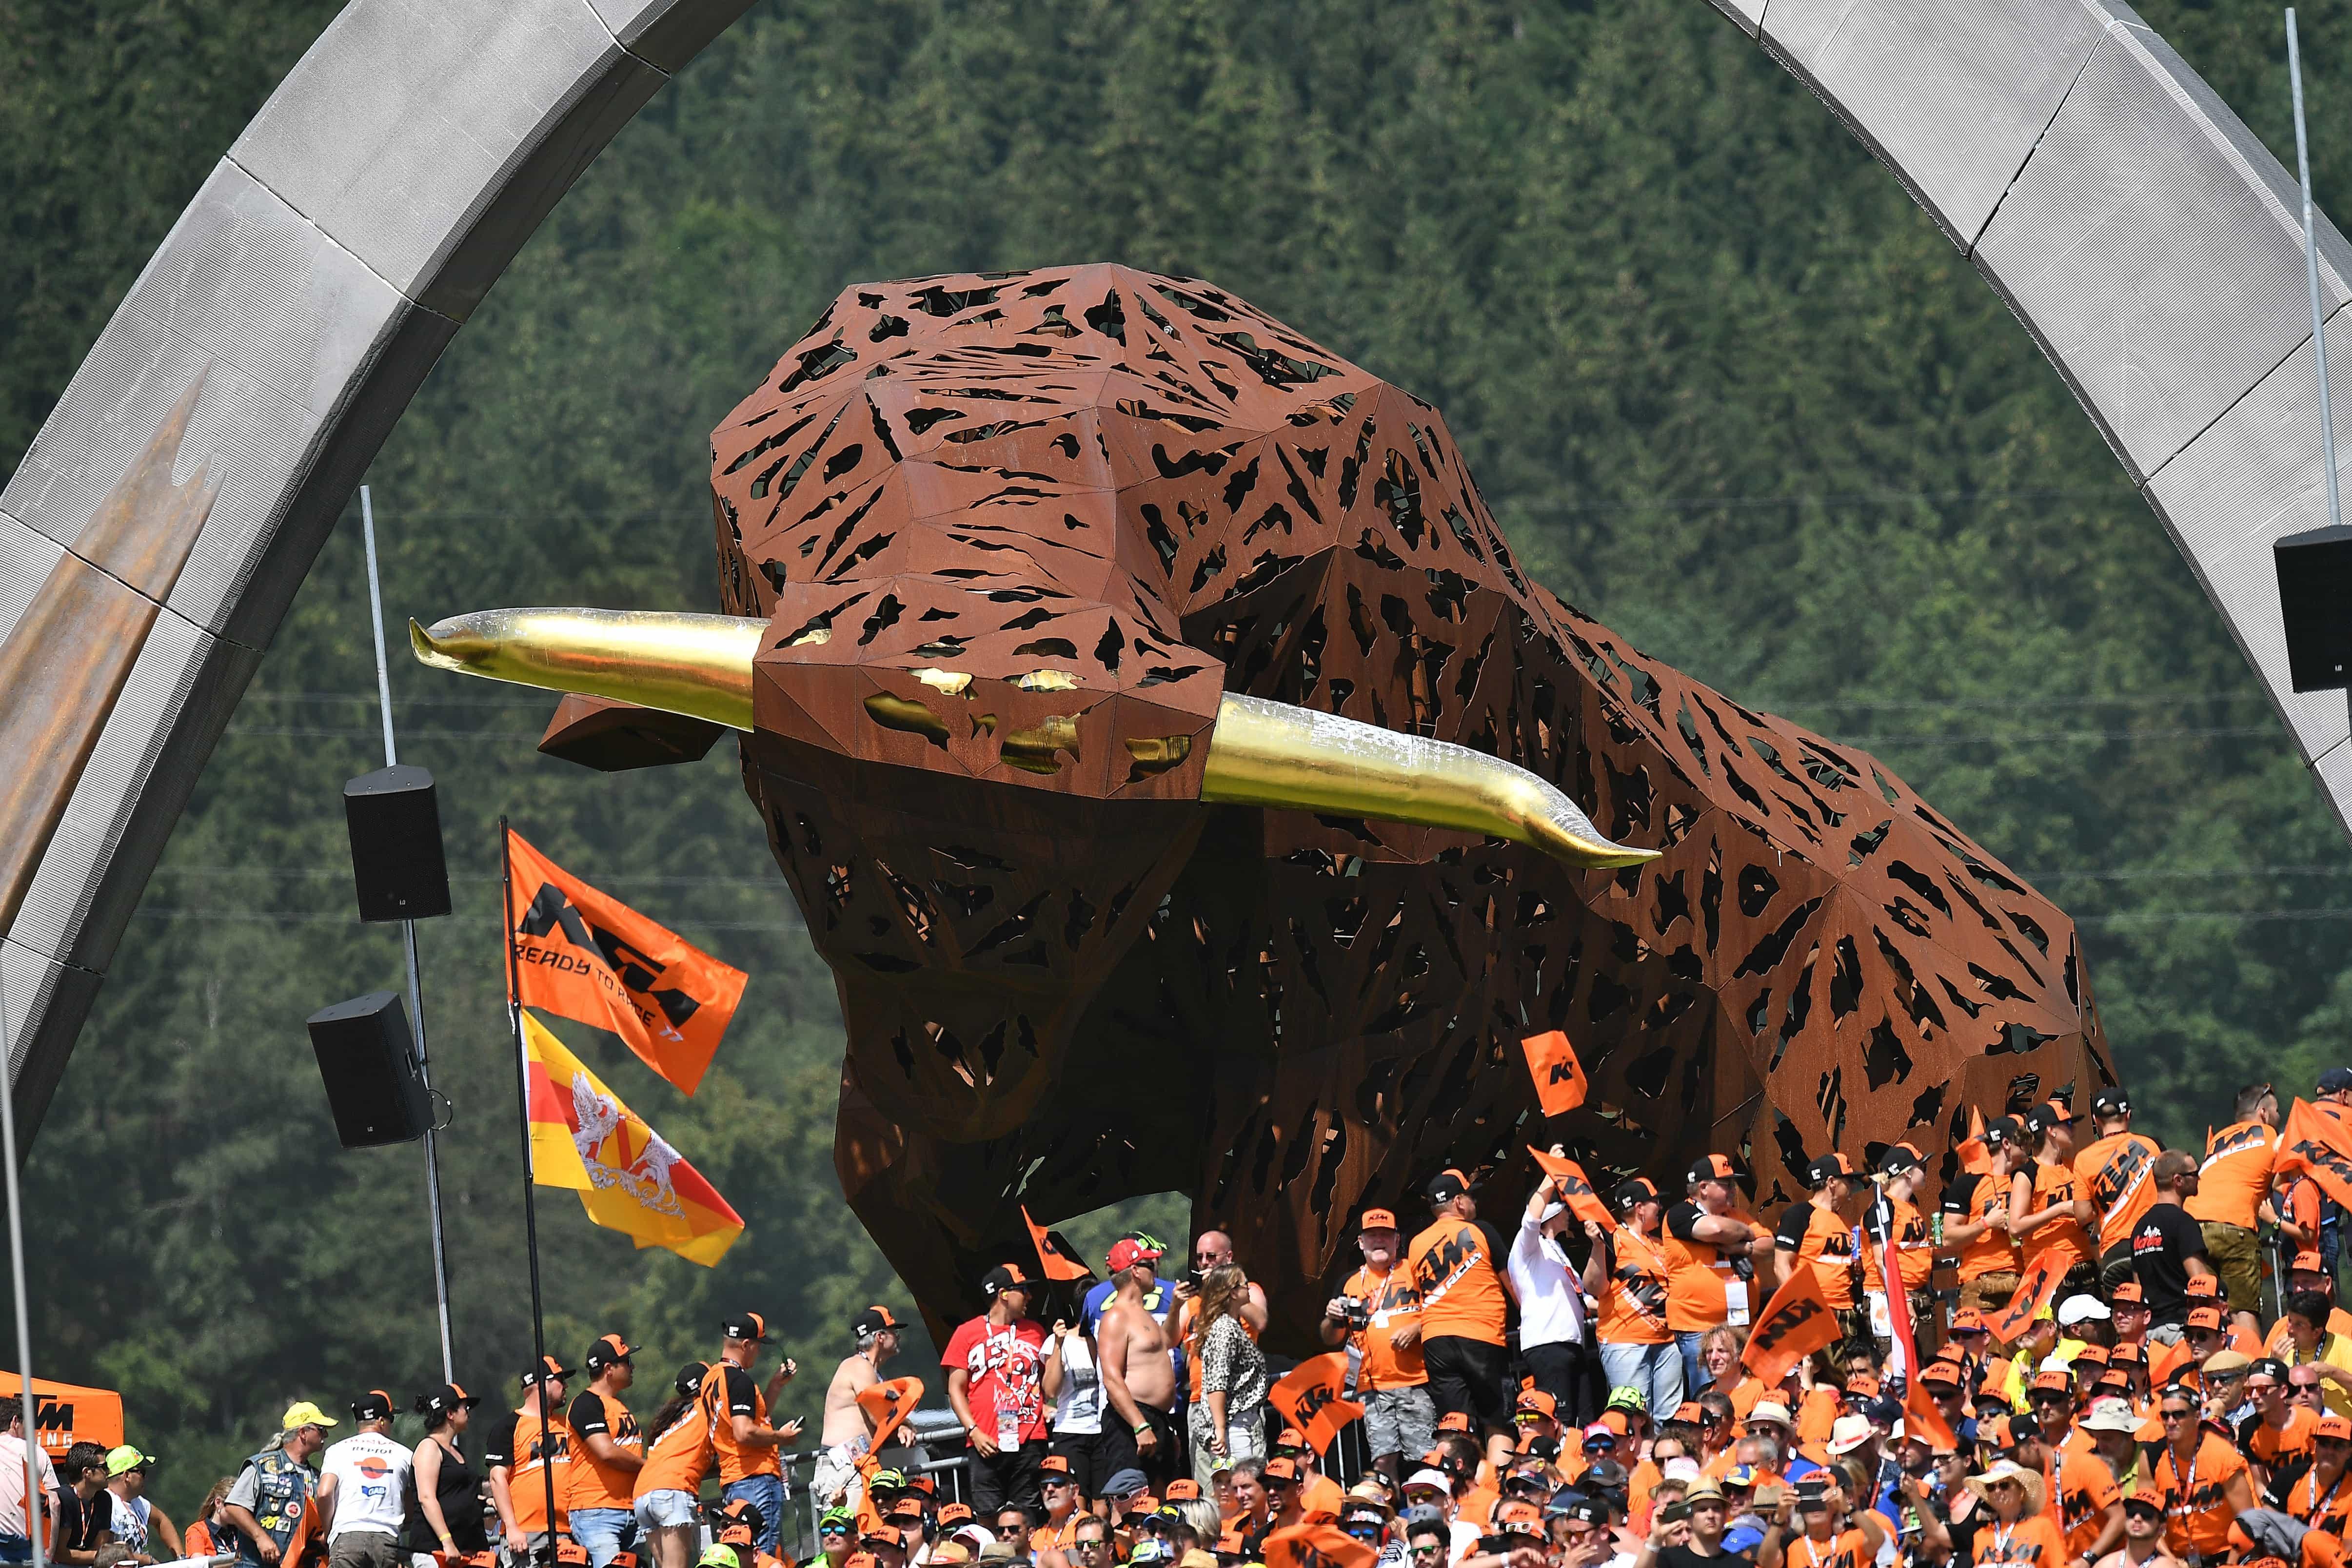 オーストリア政府 7月のF1開催を承認、8月のMotoGP開催の期待高まる